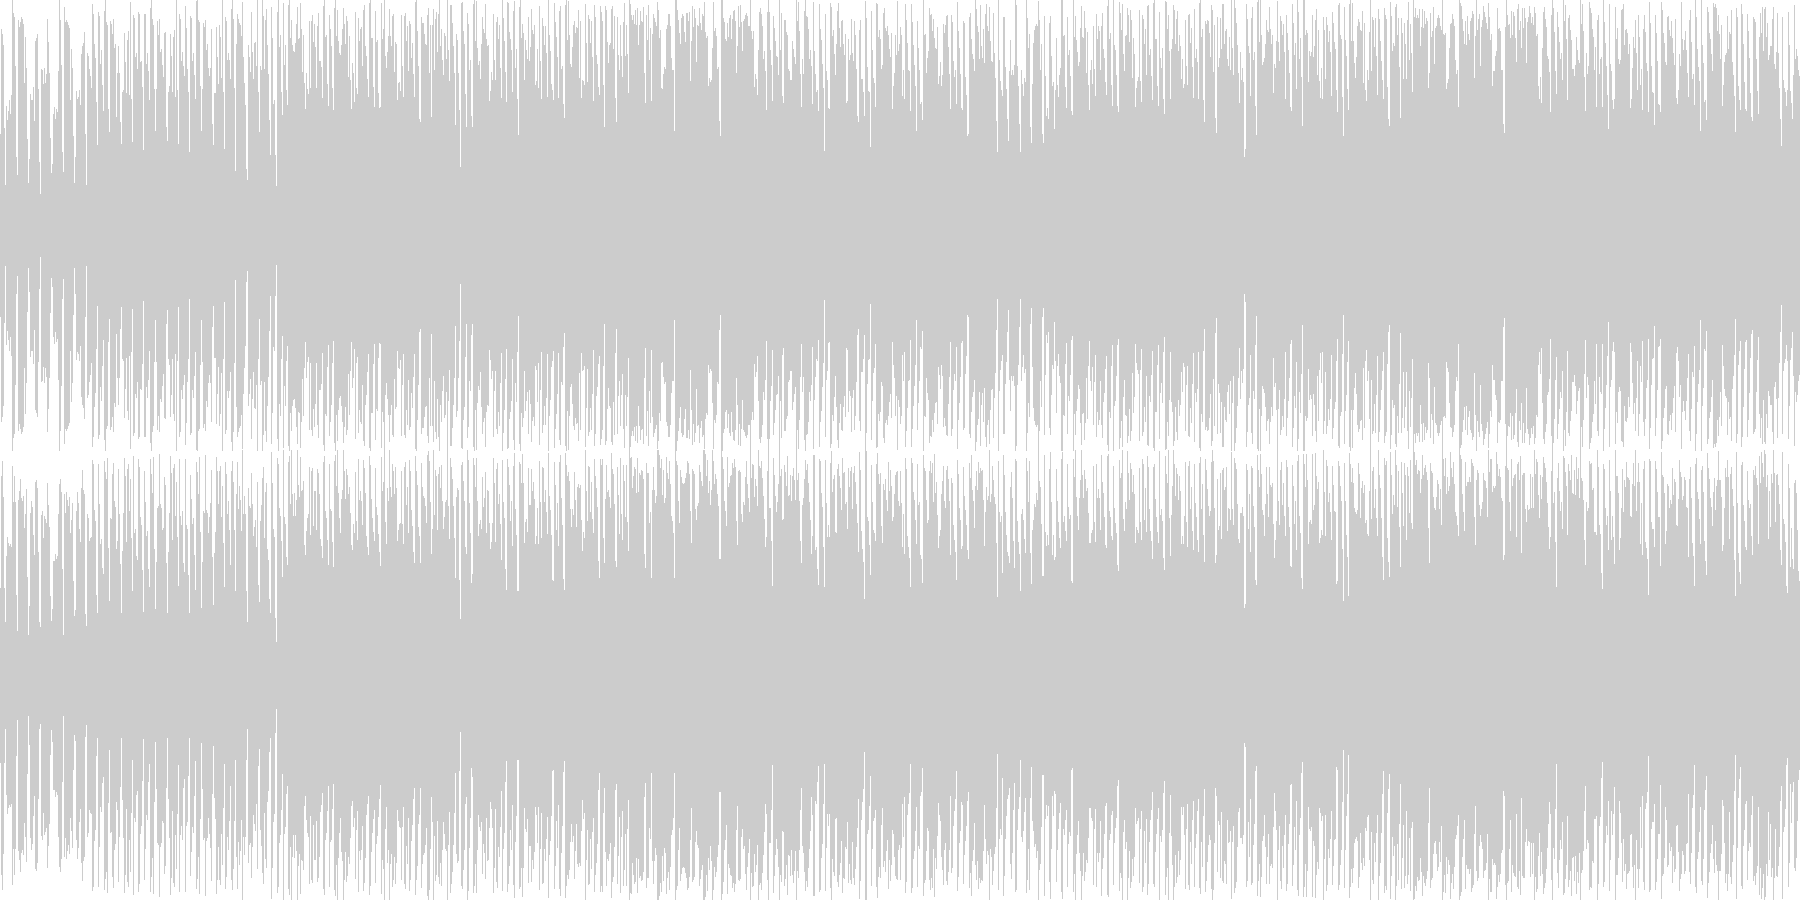 ゆるふわほのぼのゲームBGMの未再生の波形